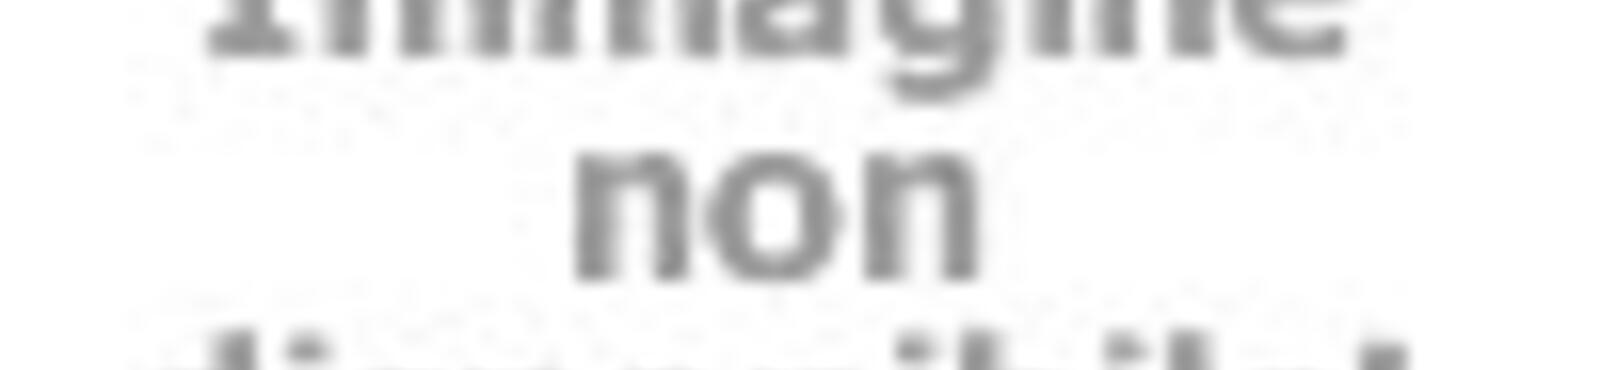 petronianaviaggi it buon-compleanno-venezia-il-sestriere-di-santa-croce-e-di-san-polo-v407 002